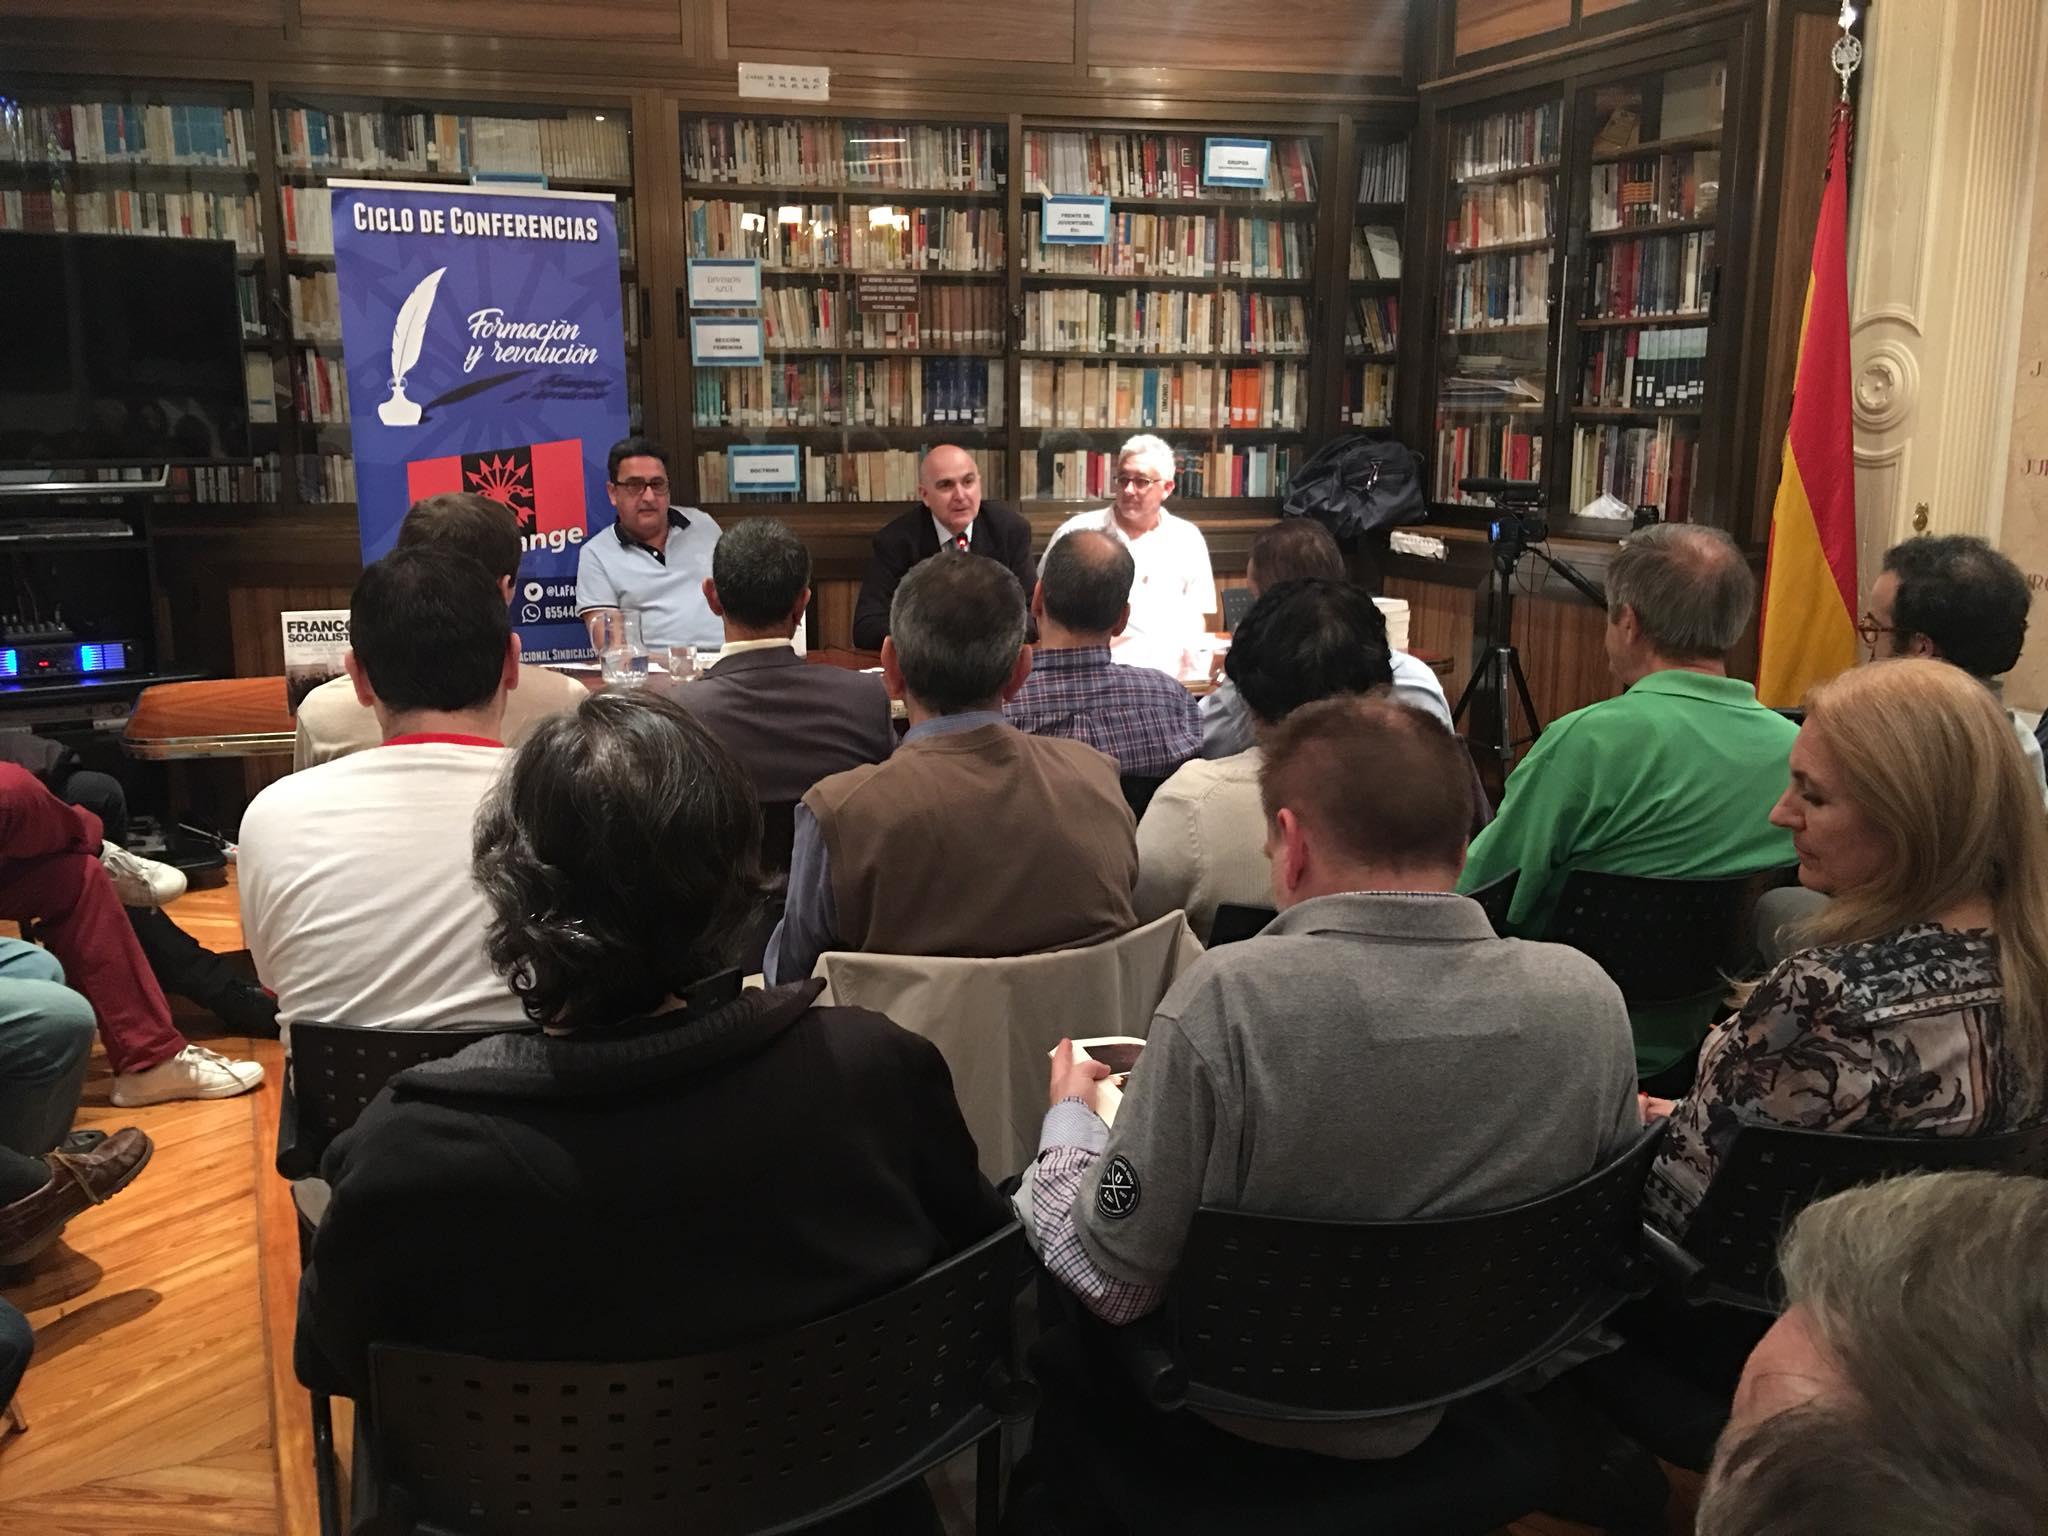 """Vídeo de la presentación de """"Franco Socialista"""" a cargo de Francisco Torres"""